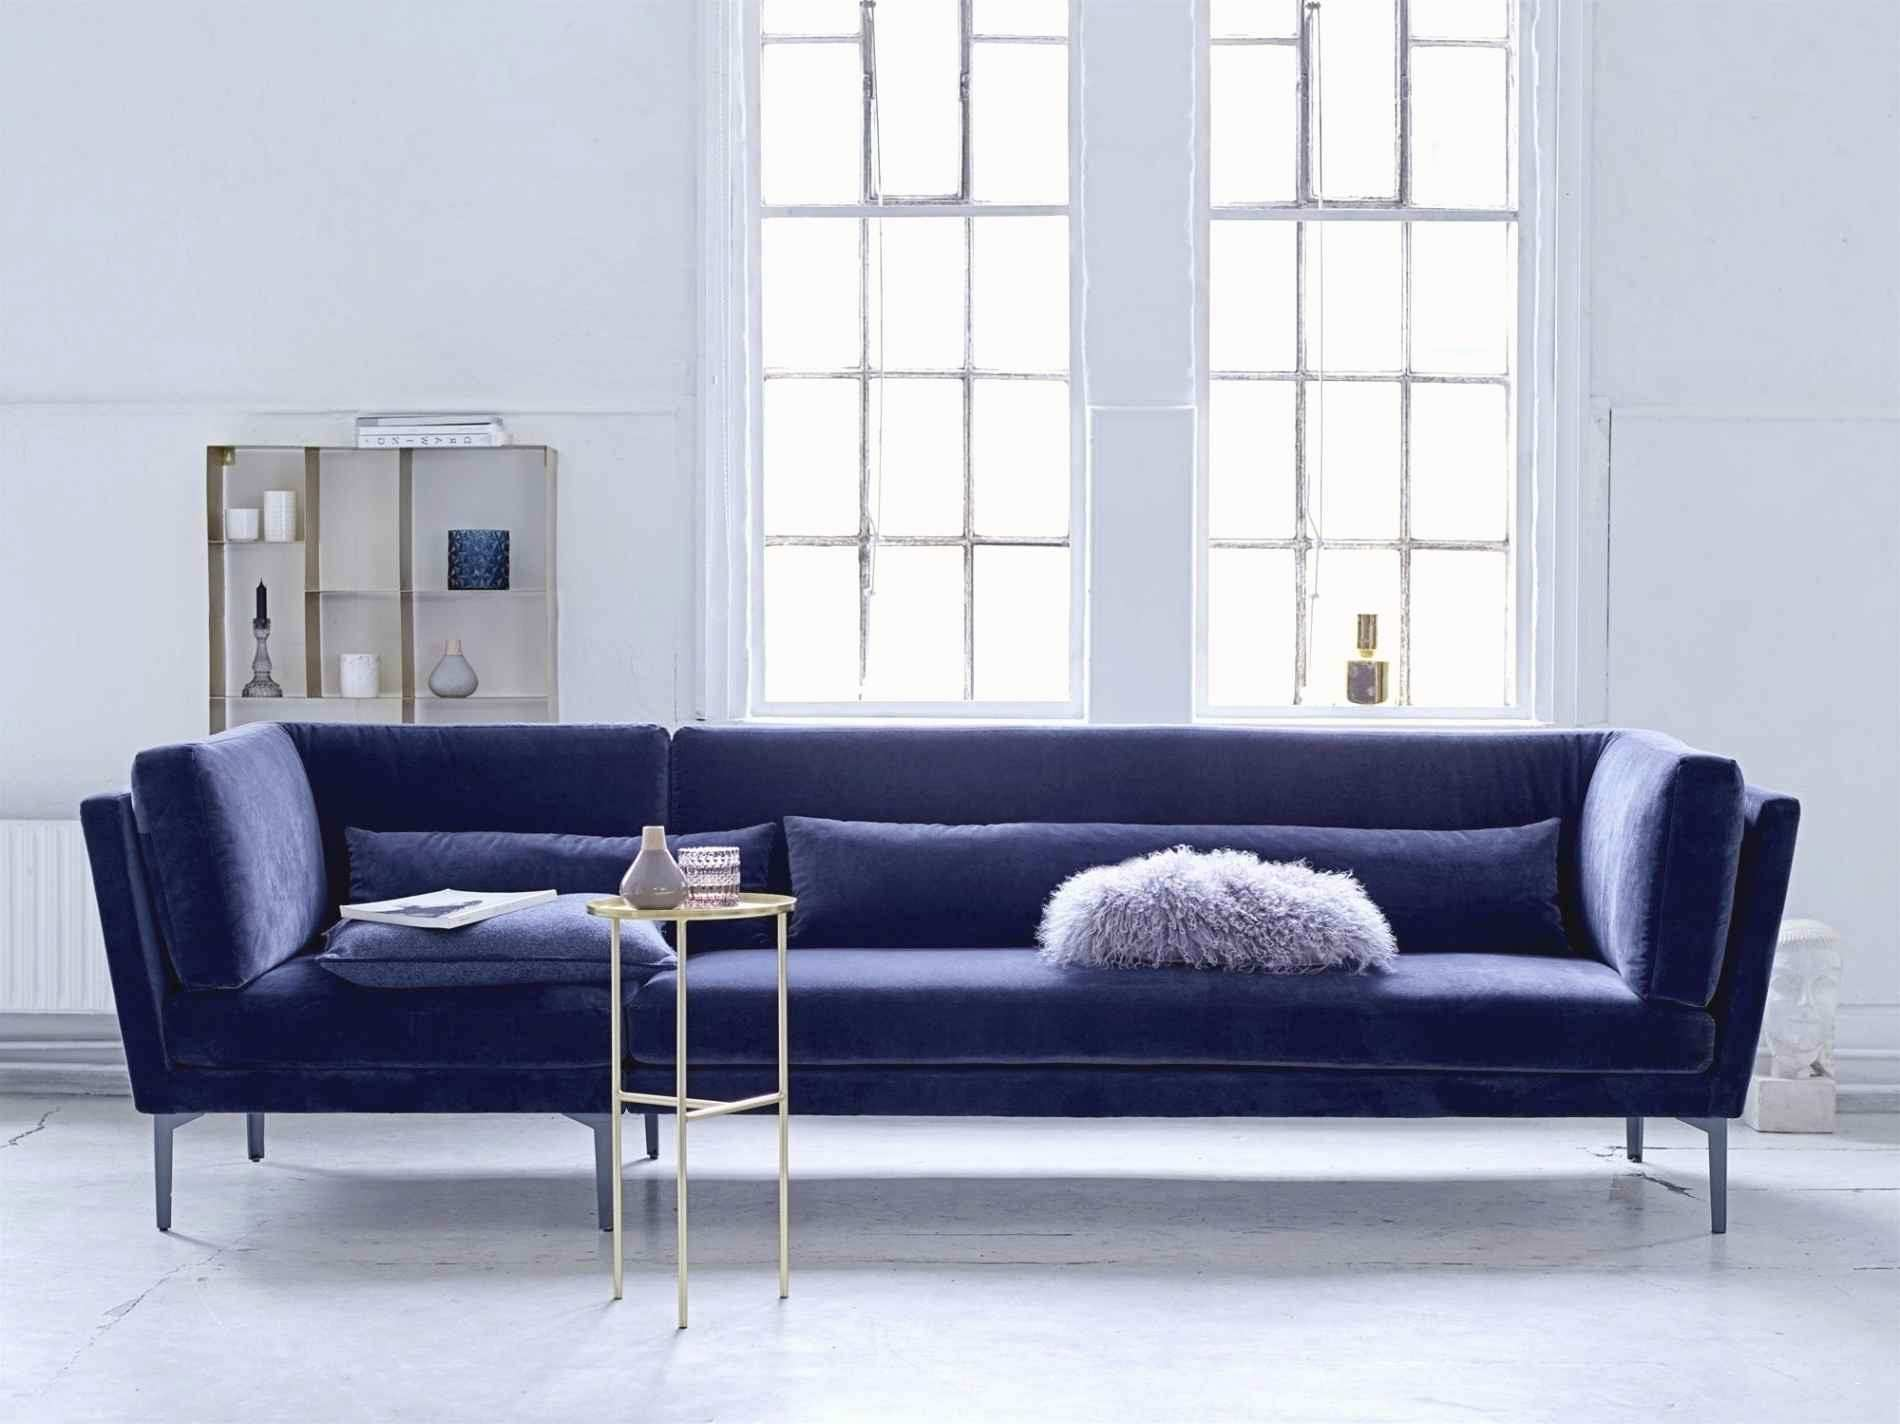 Full Size of Ikea Sofa Mit Schlaffunktion Kleines Ecksofa L Couch Und Bettkasten Ektorp 3er Gebraucht 2er Bettfunktion Inspirierend 42 Elegant Eckcouch Baxter Regal Sofa Ikea Sofa Mit Schlaffunktion